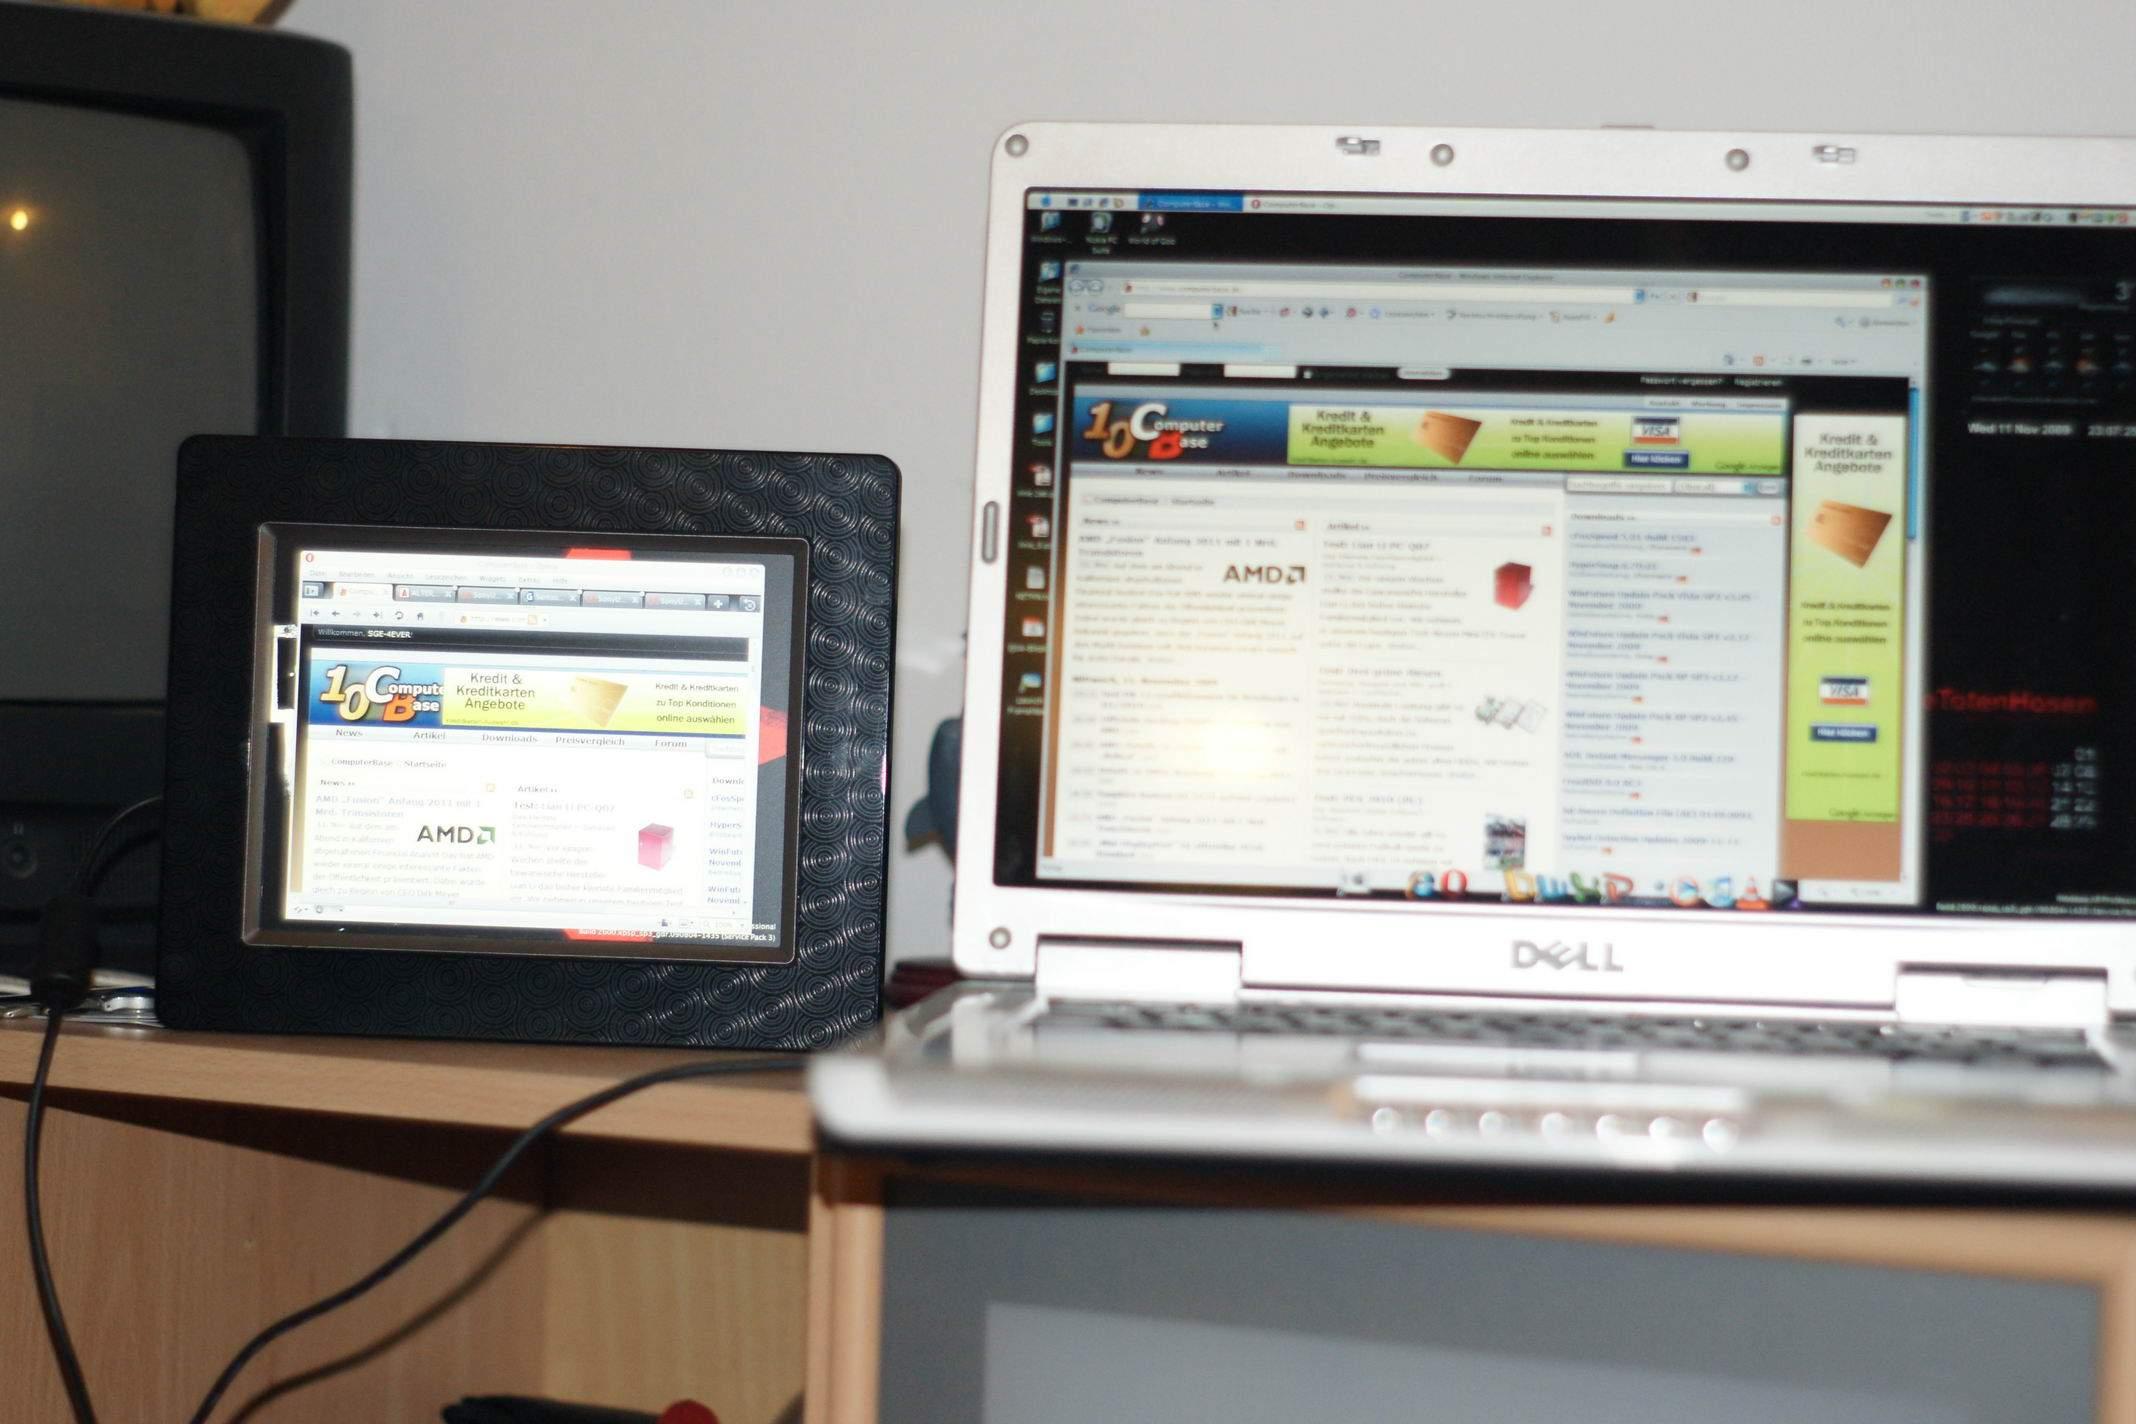 Digitaler Bilderrahmen als PC-Monitor | ComputerBase Forum